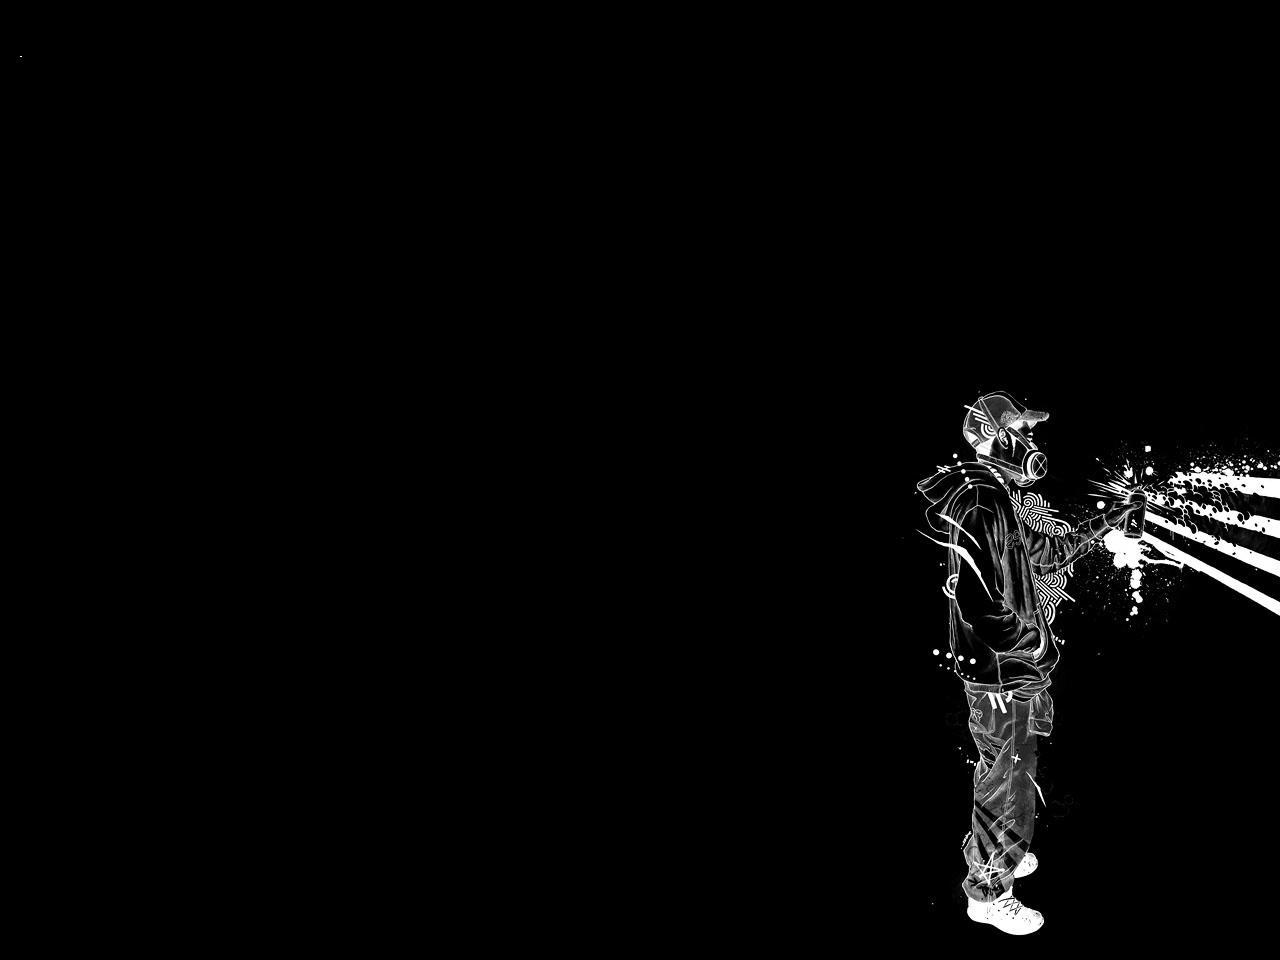 Hd Black And White Wallpaper - WallpaperSafari